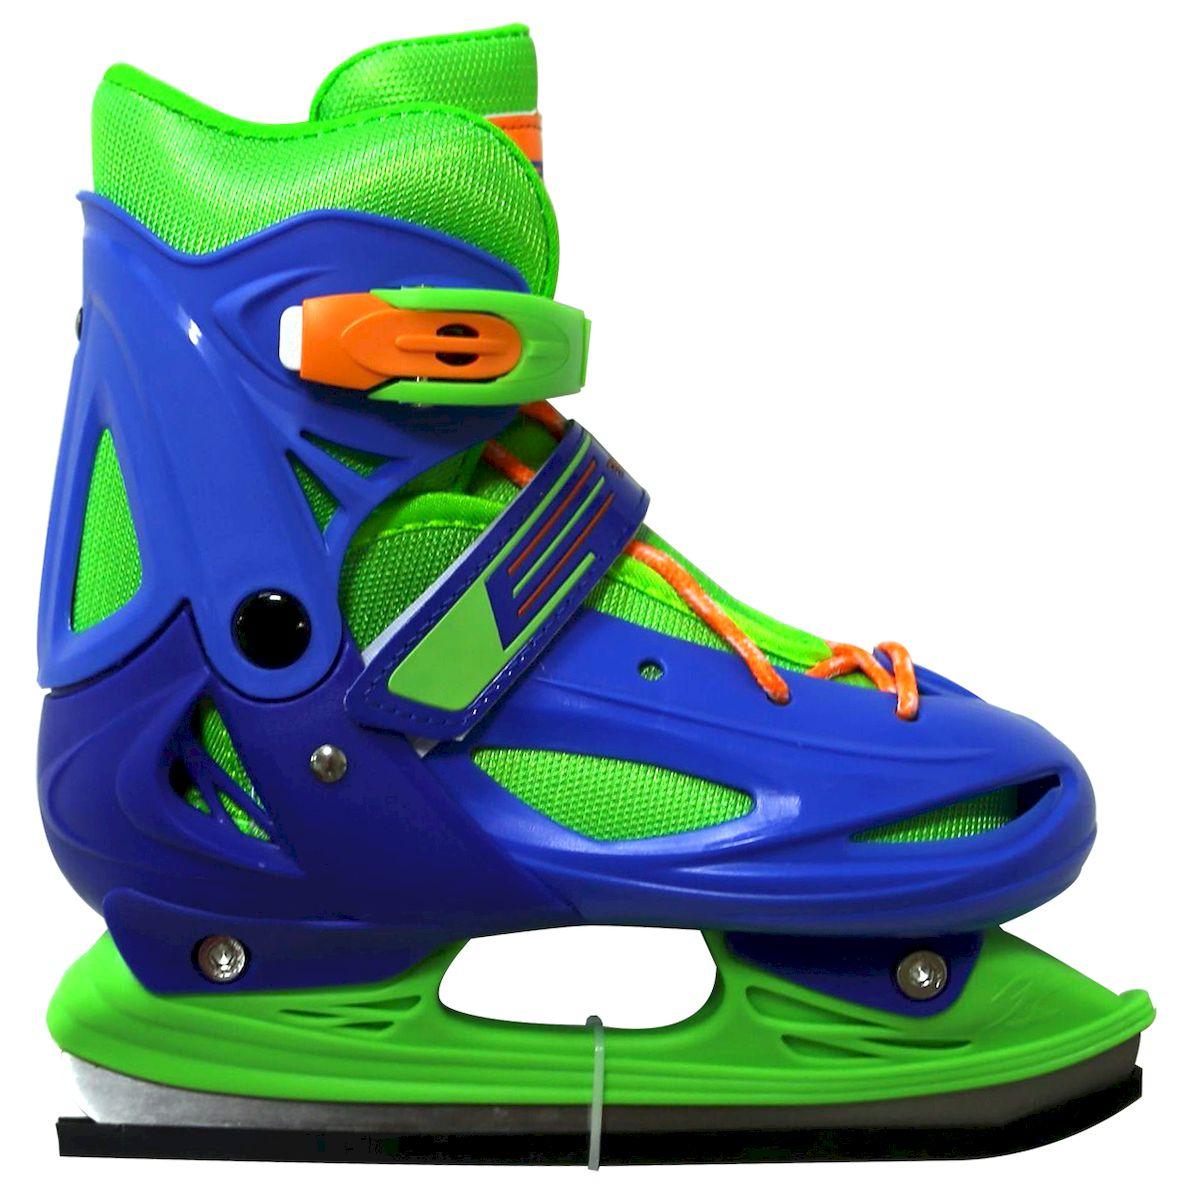 Коньки раздвижные Ice Blade Casey, цвет: синий, зеленый, оранжевый. УТ-00009125. Размер M (34/37)УТ-00009125Коньки раздвижные Casey - это классические раздвижные коньки от известного бренда Ice Blade, которые предназначены для детей и подростков, а также для тех, кто делает первые шаги в катании на льду. Коньки имеют яркий молодежный дизайн, теплый внутренний сапожок, удобная трехуровневая система фиксации ноги, легкая смена размера, надежная защита пятки и носка - все это бесспорные преимущества модели. Коньки поставляются с заводской заточкой лезвия, что позволяет сразу приступить к катанию и не тратить денег на заточку. Предназначены для использования на открытом и закрытом льду. Характеристики: Тип фиксации: клипса с фиксатором, липучка, шнурки Материал ботинка: морозостойкий пластик Внутренняя отделка: теплый текстильный материал Лезвие: выполнено из высокоуглеродистой стали с покрытием из никеля Упаковка: удобная сумка